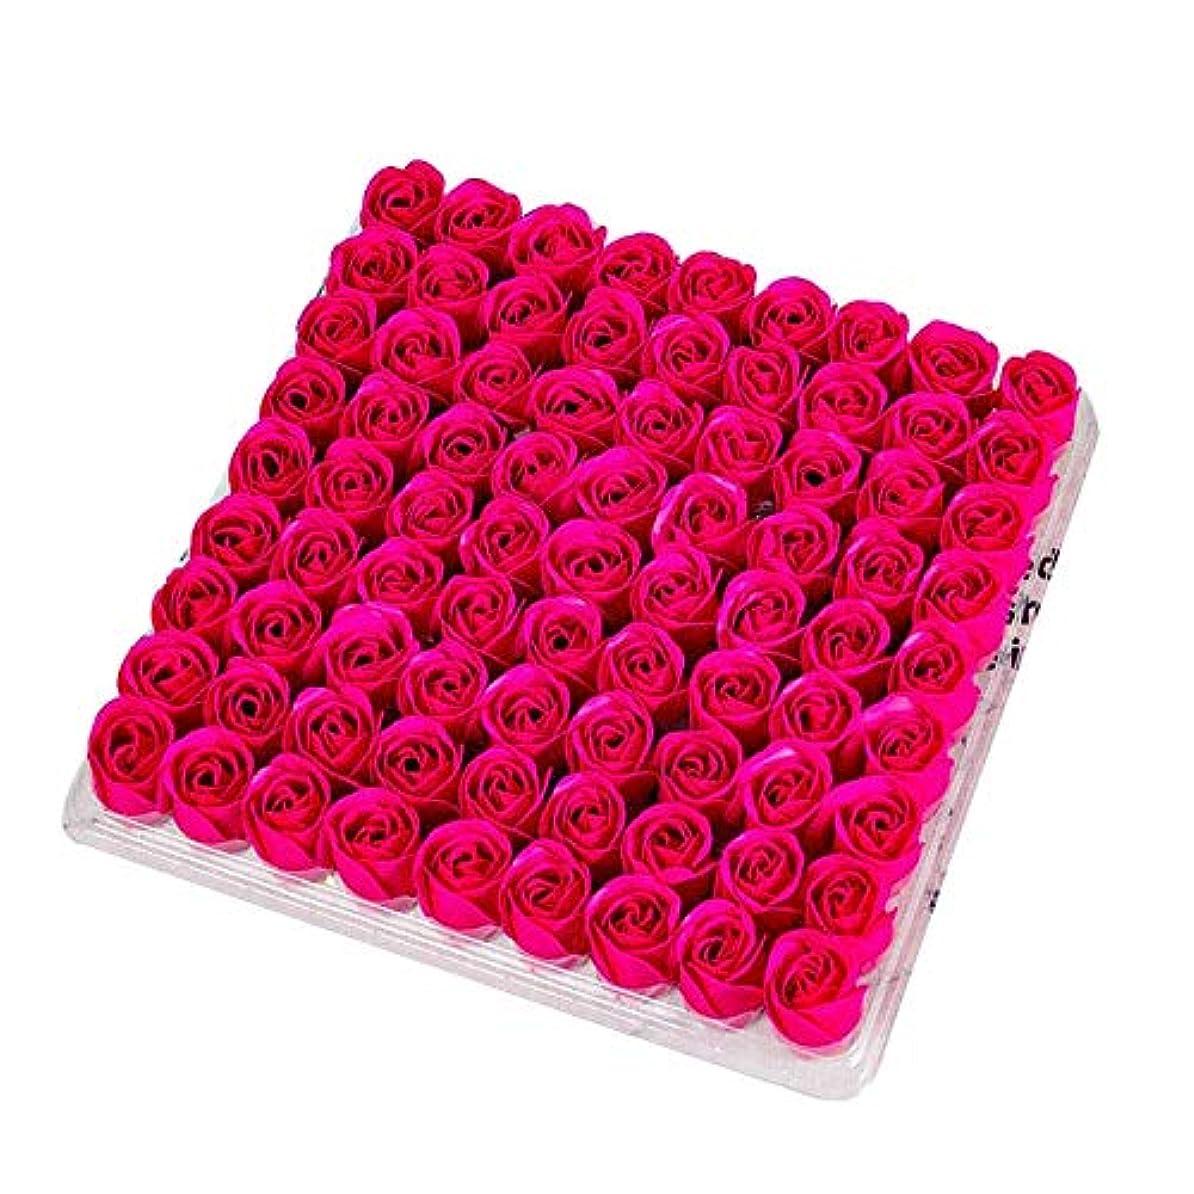 市の花生活名門TOOGOO 81個の薔薇、バス ボディ フラワー?フローラルの石けん 香りのよいローズフラワー エッセンシャルオイル フローラルのお客様への石鹸 ウェディング、パーティー、バレンタインデーの贈り物、薔薇、ローズレッド